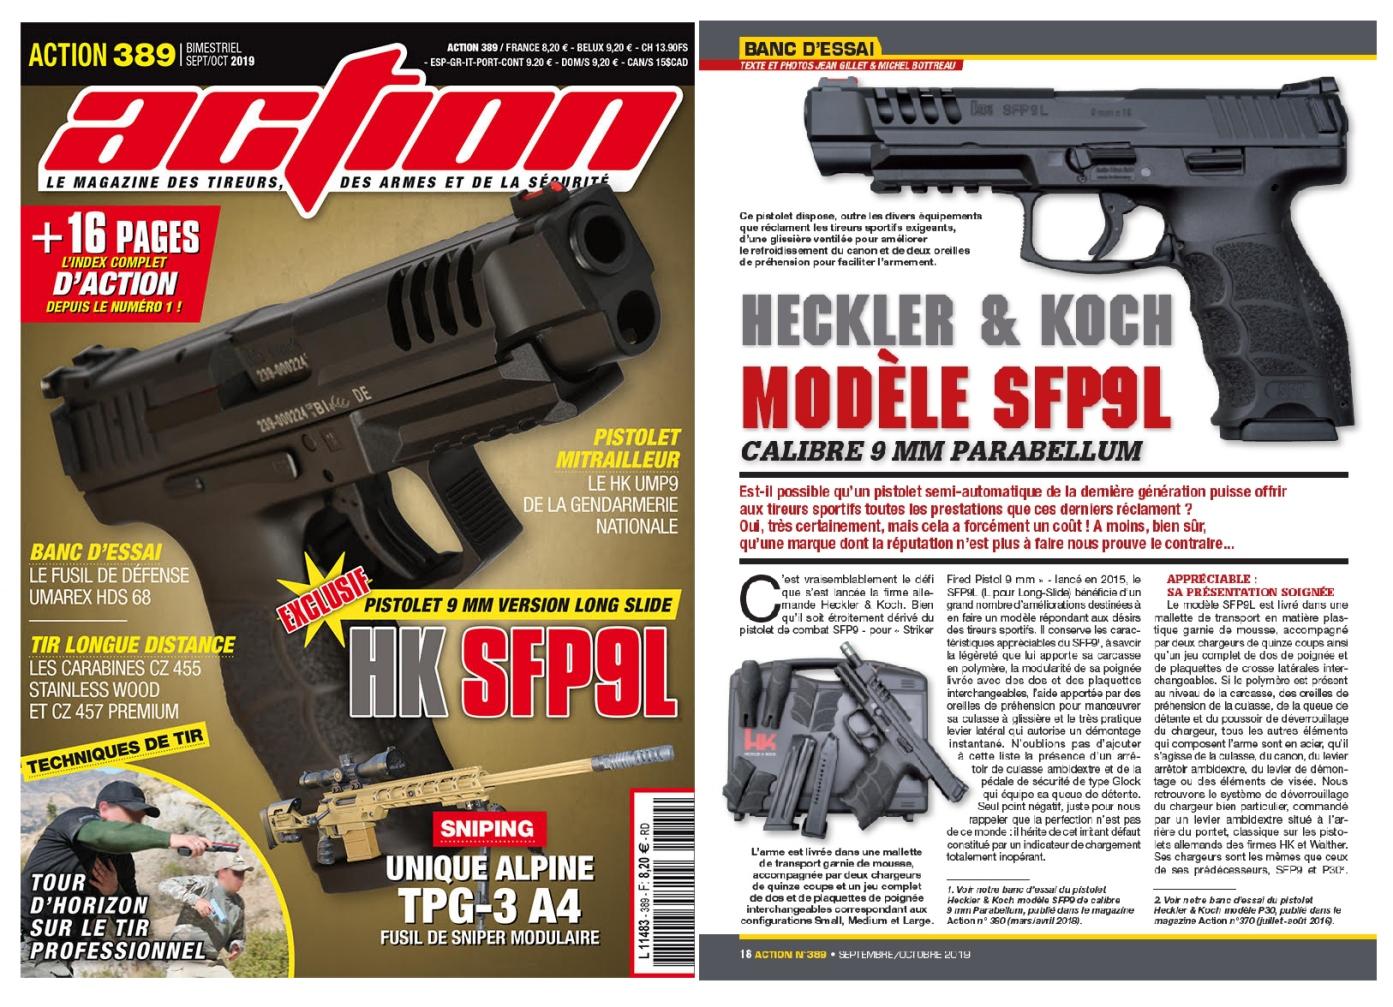 Le banc d'essai du pistolet Pistolet HK SFP9L a été publié sur 6 pages dans le magazine Action n°389 (septembre-octobre 2019).